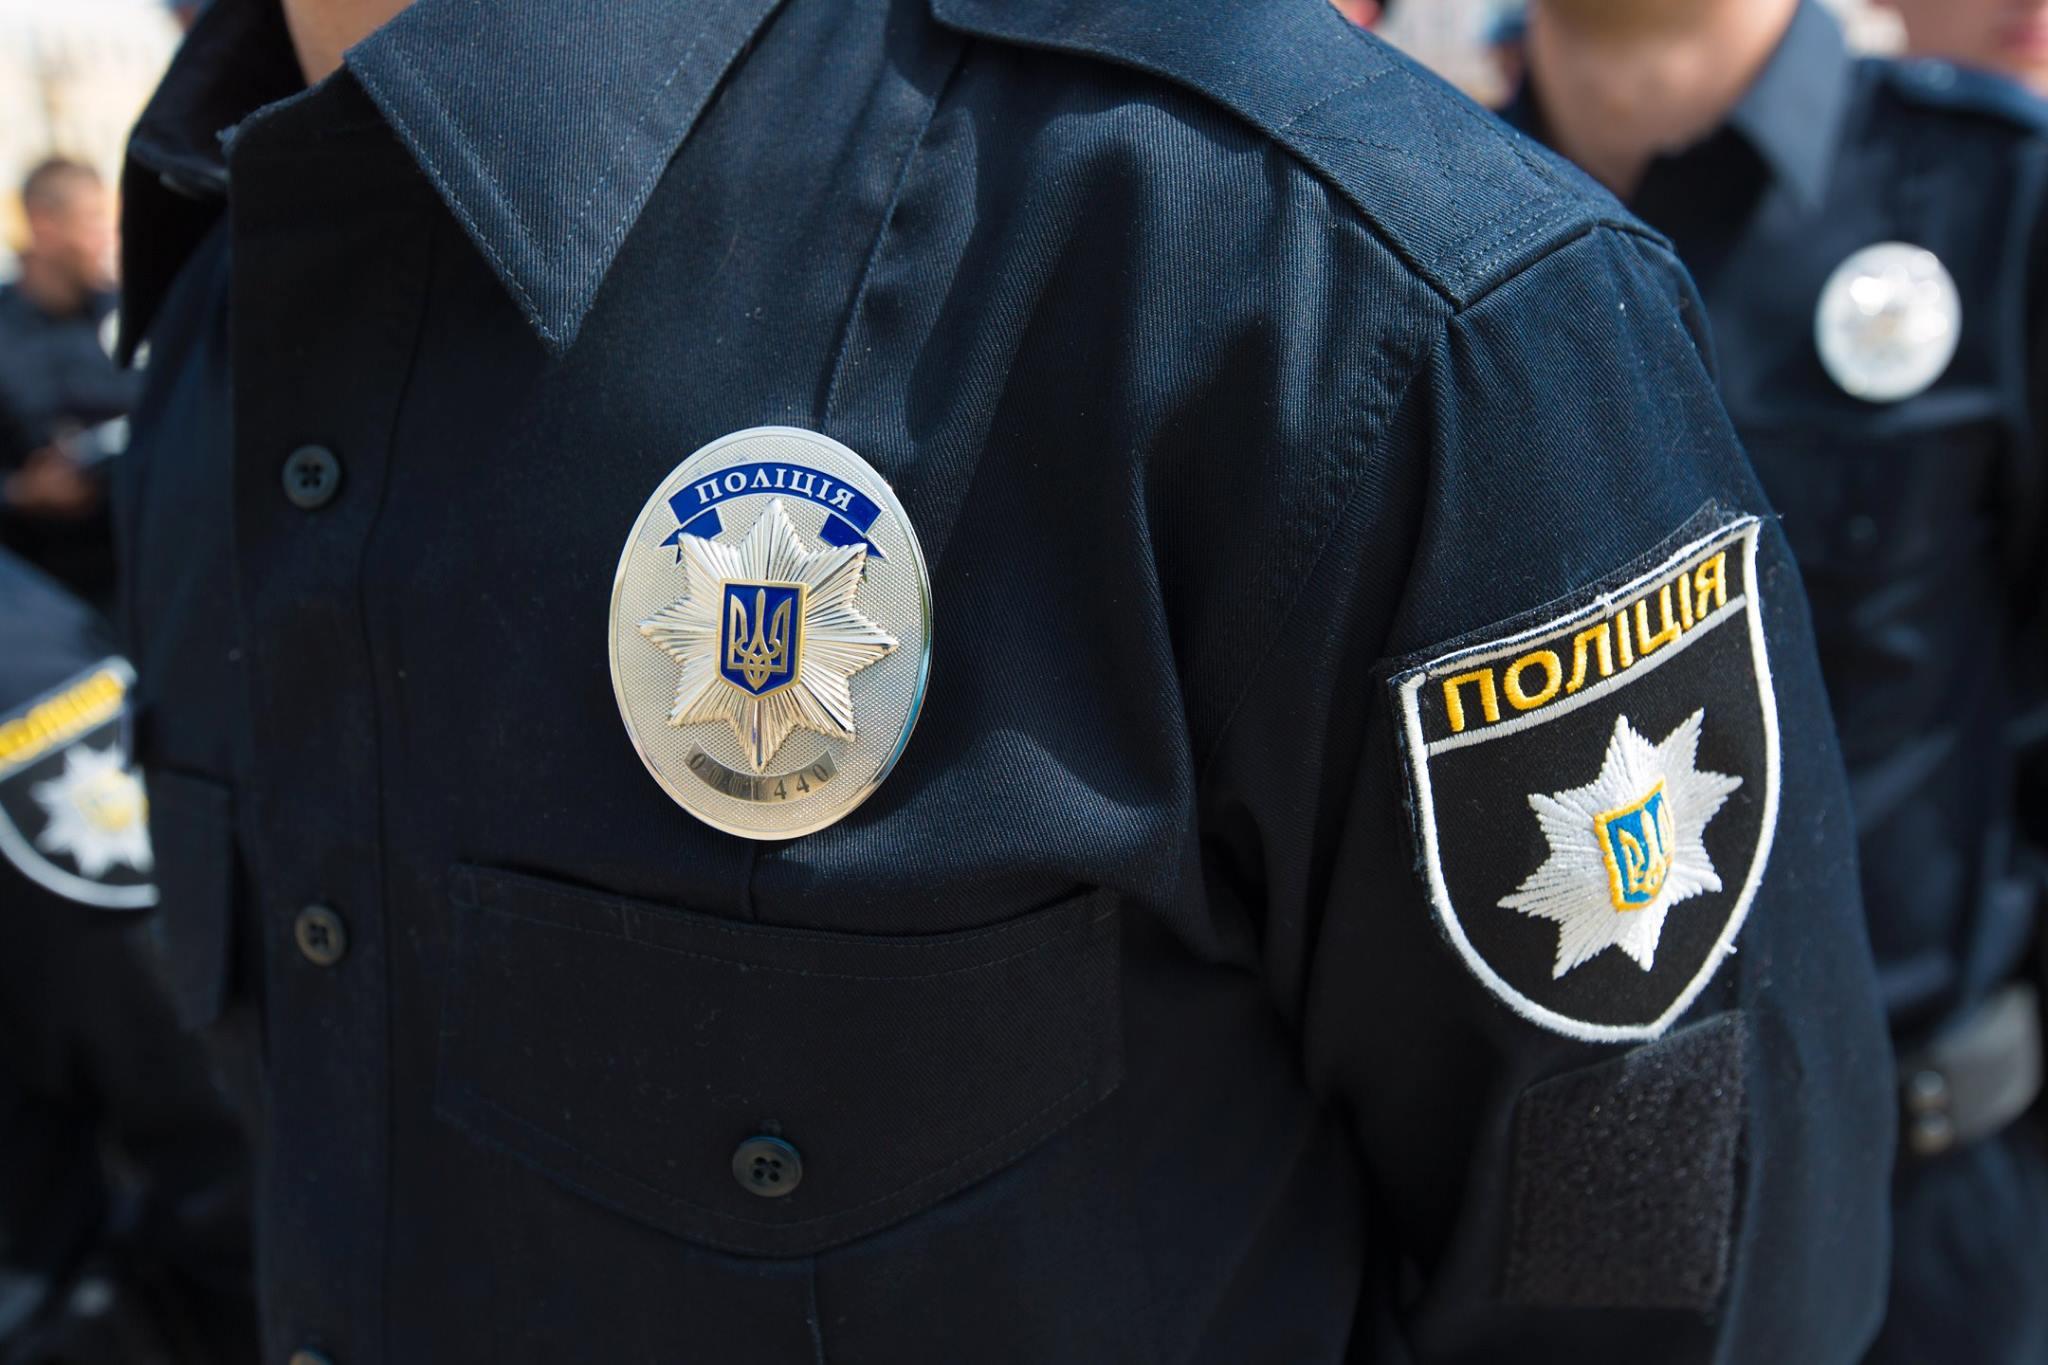 Похитителей людей задержали по горячим следам: среди членов банды бывший ГРУшник